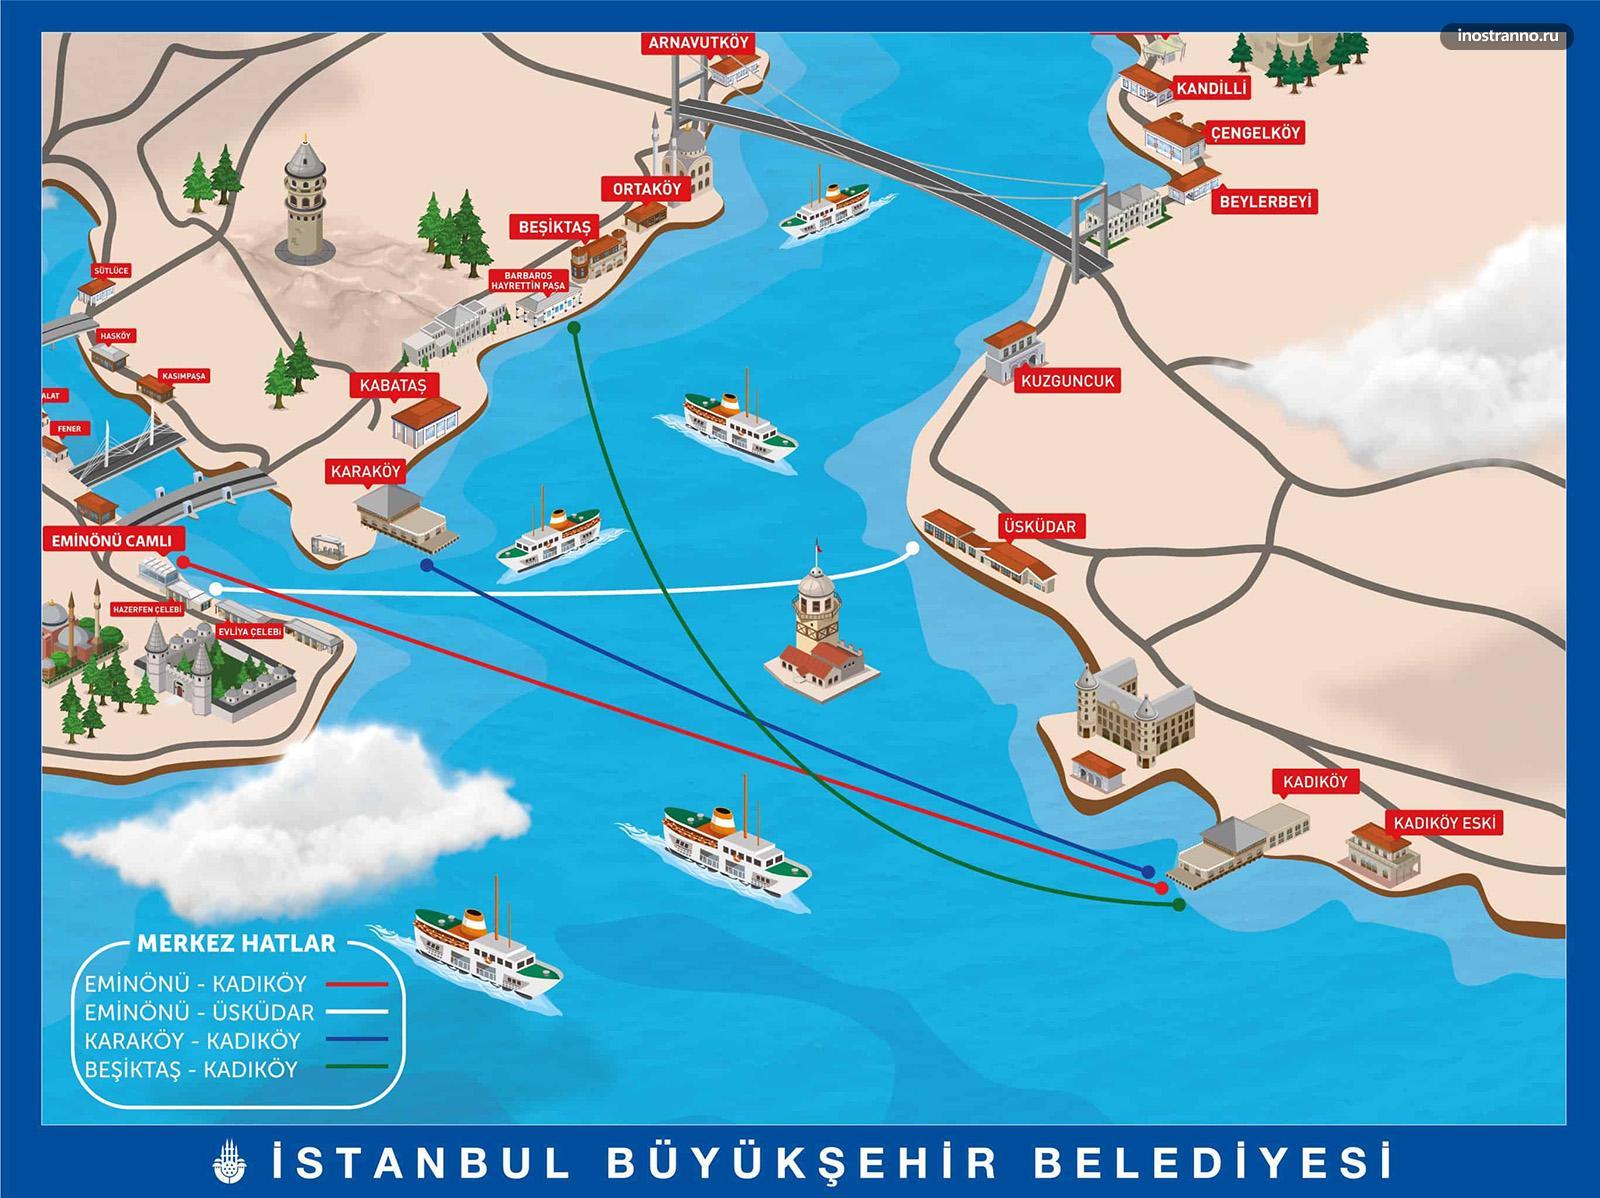 Карта основных маршрутов паромов в Стамбуле